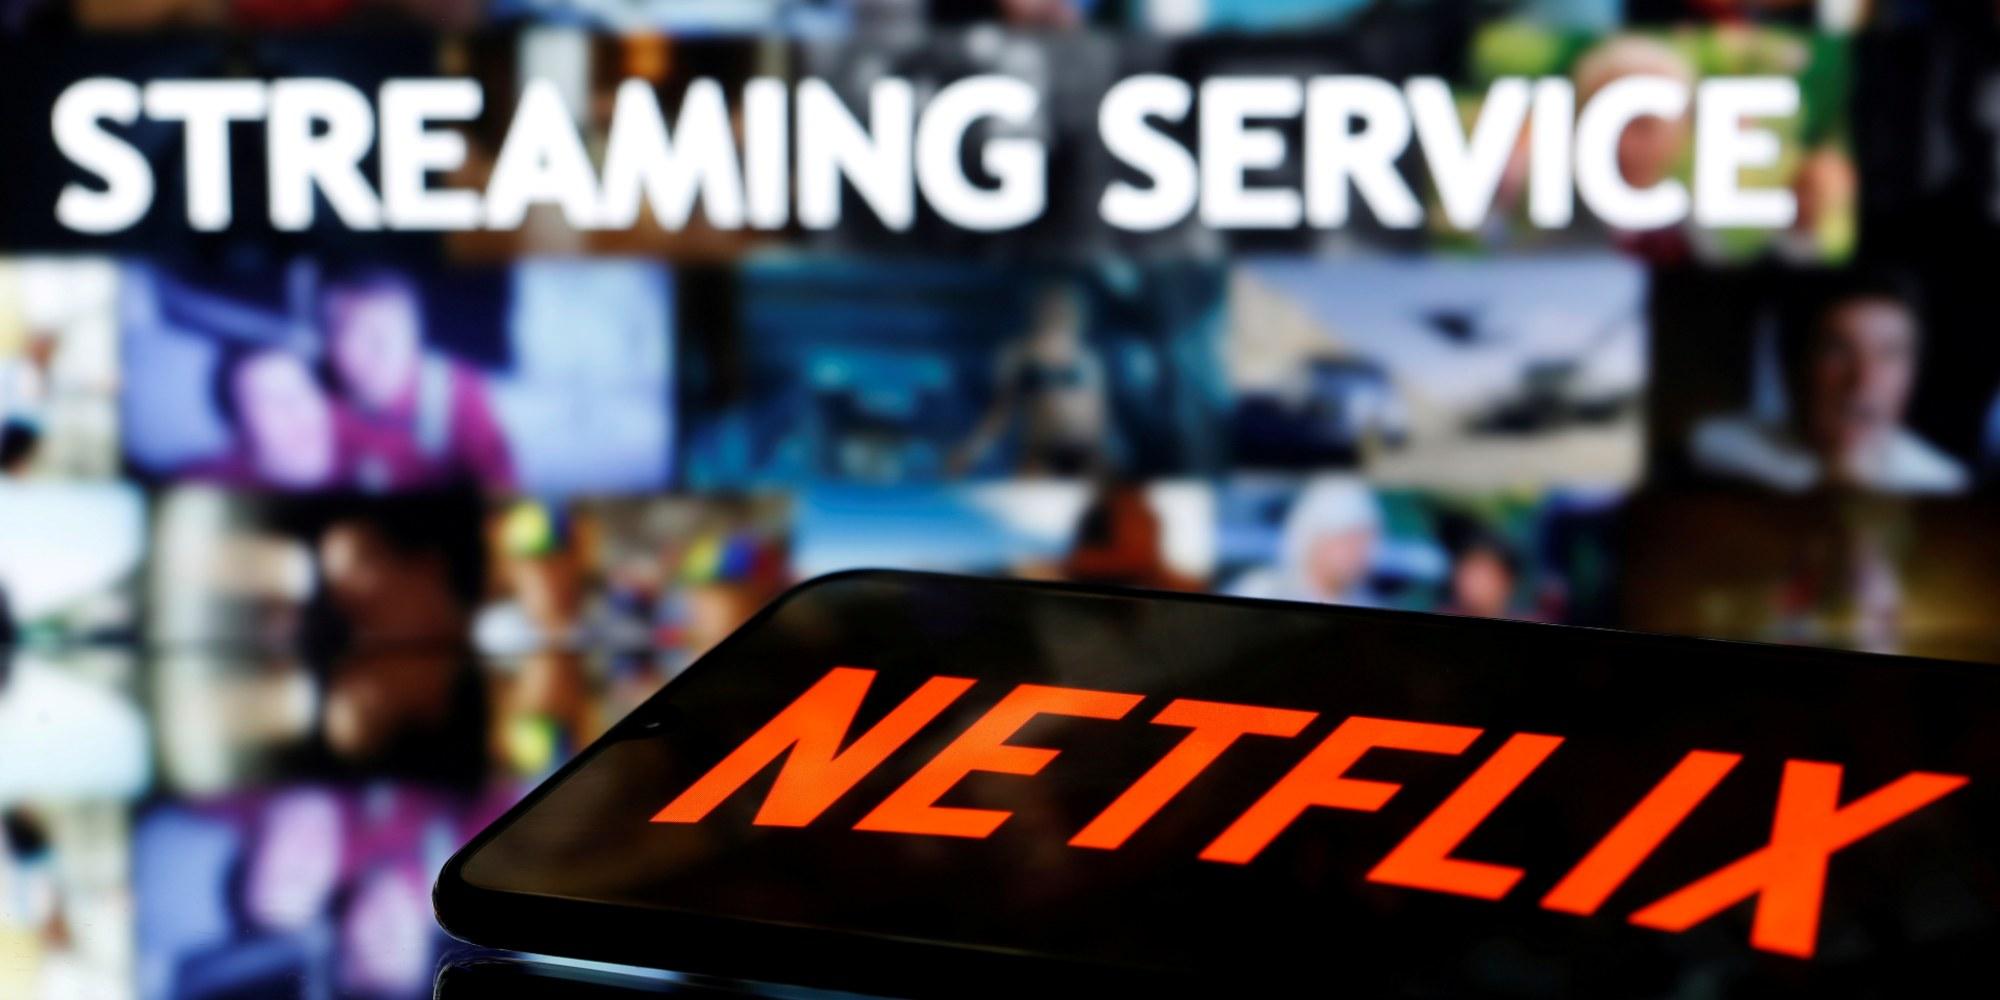 Netflix empieza a contar su audiencia con solo 2 minutos de reproducción Netflix empieza a contar su audiencia con solo 2 minutos de reproducción Netflix empieza a contar su audiencia con solo 2 minutos de reproducción | Business Insider Mexico